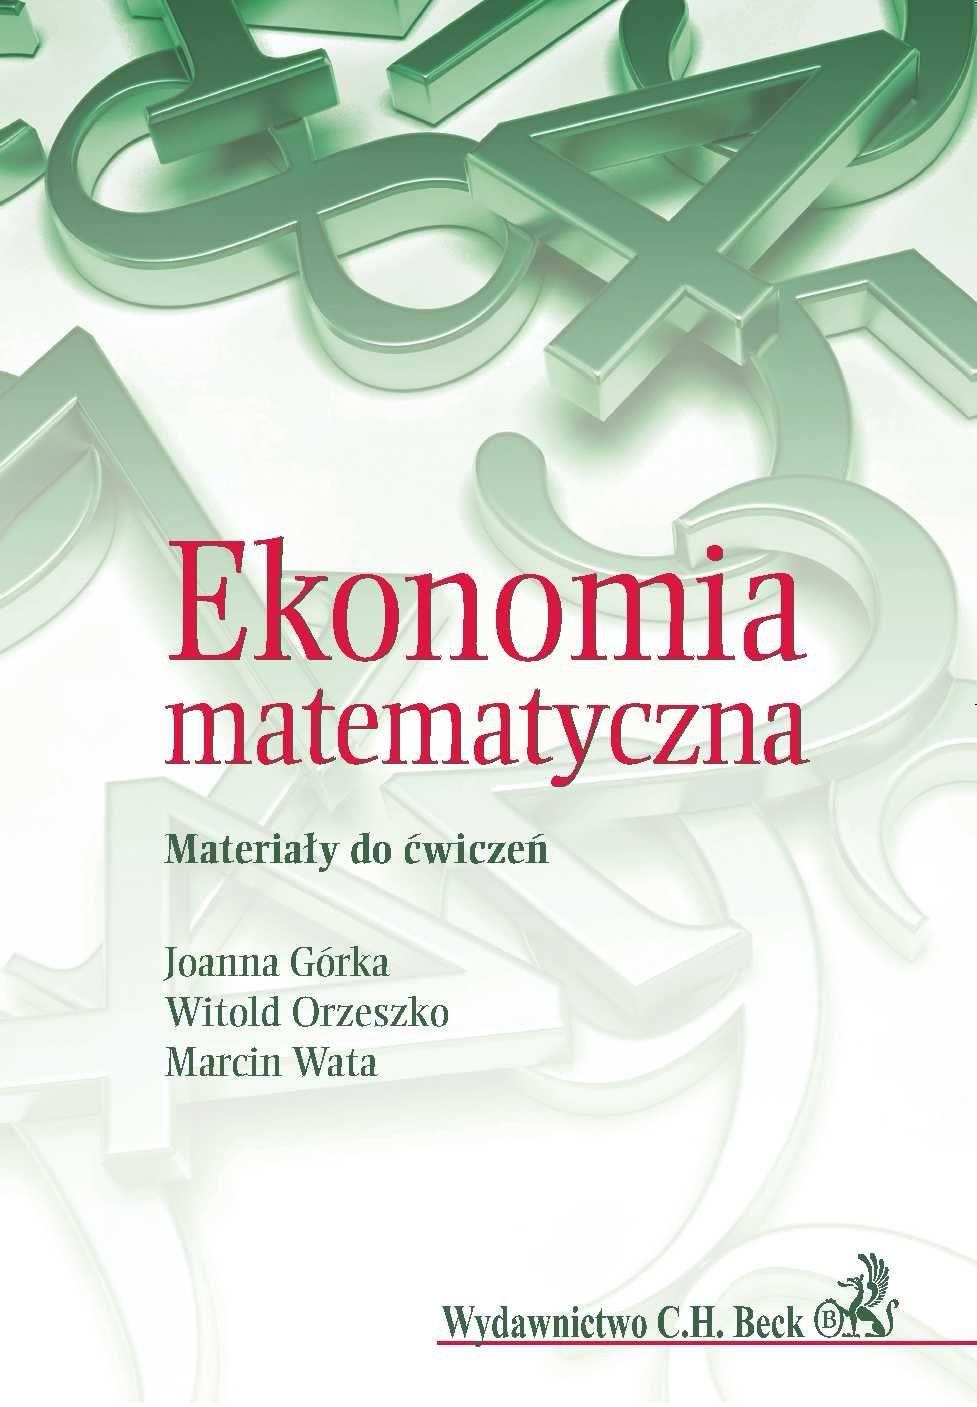 Ekonomia matematyczna. Materiały do ćwiczeń - Ebook (Książka PDF) do pobrania w formacie PDF